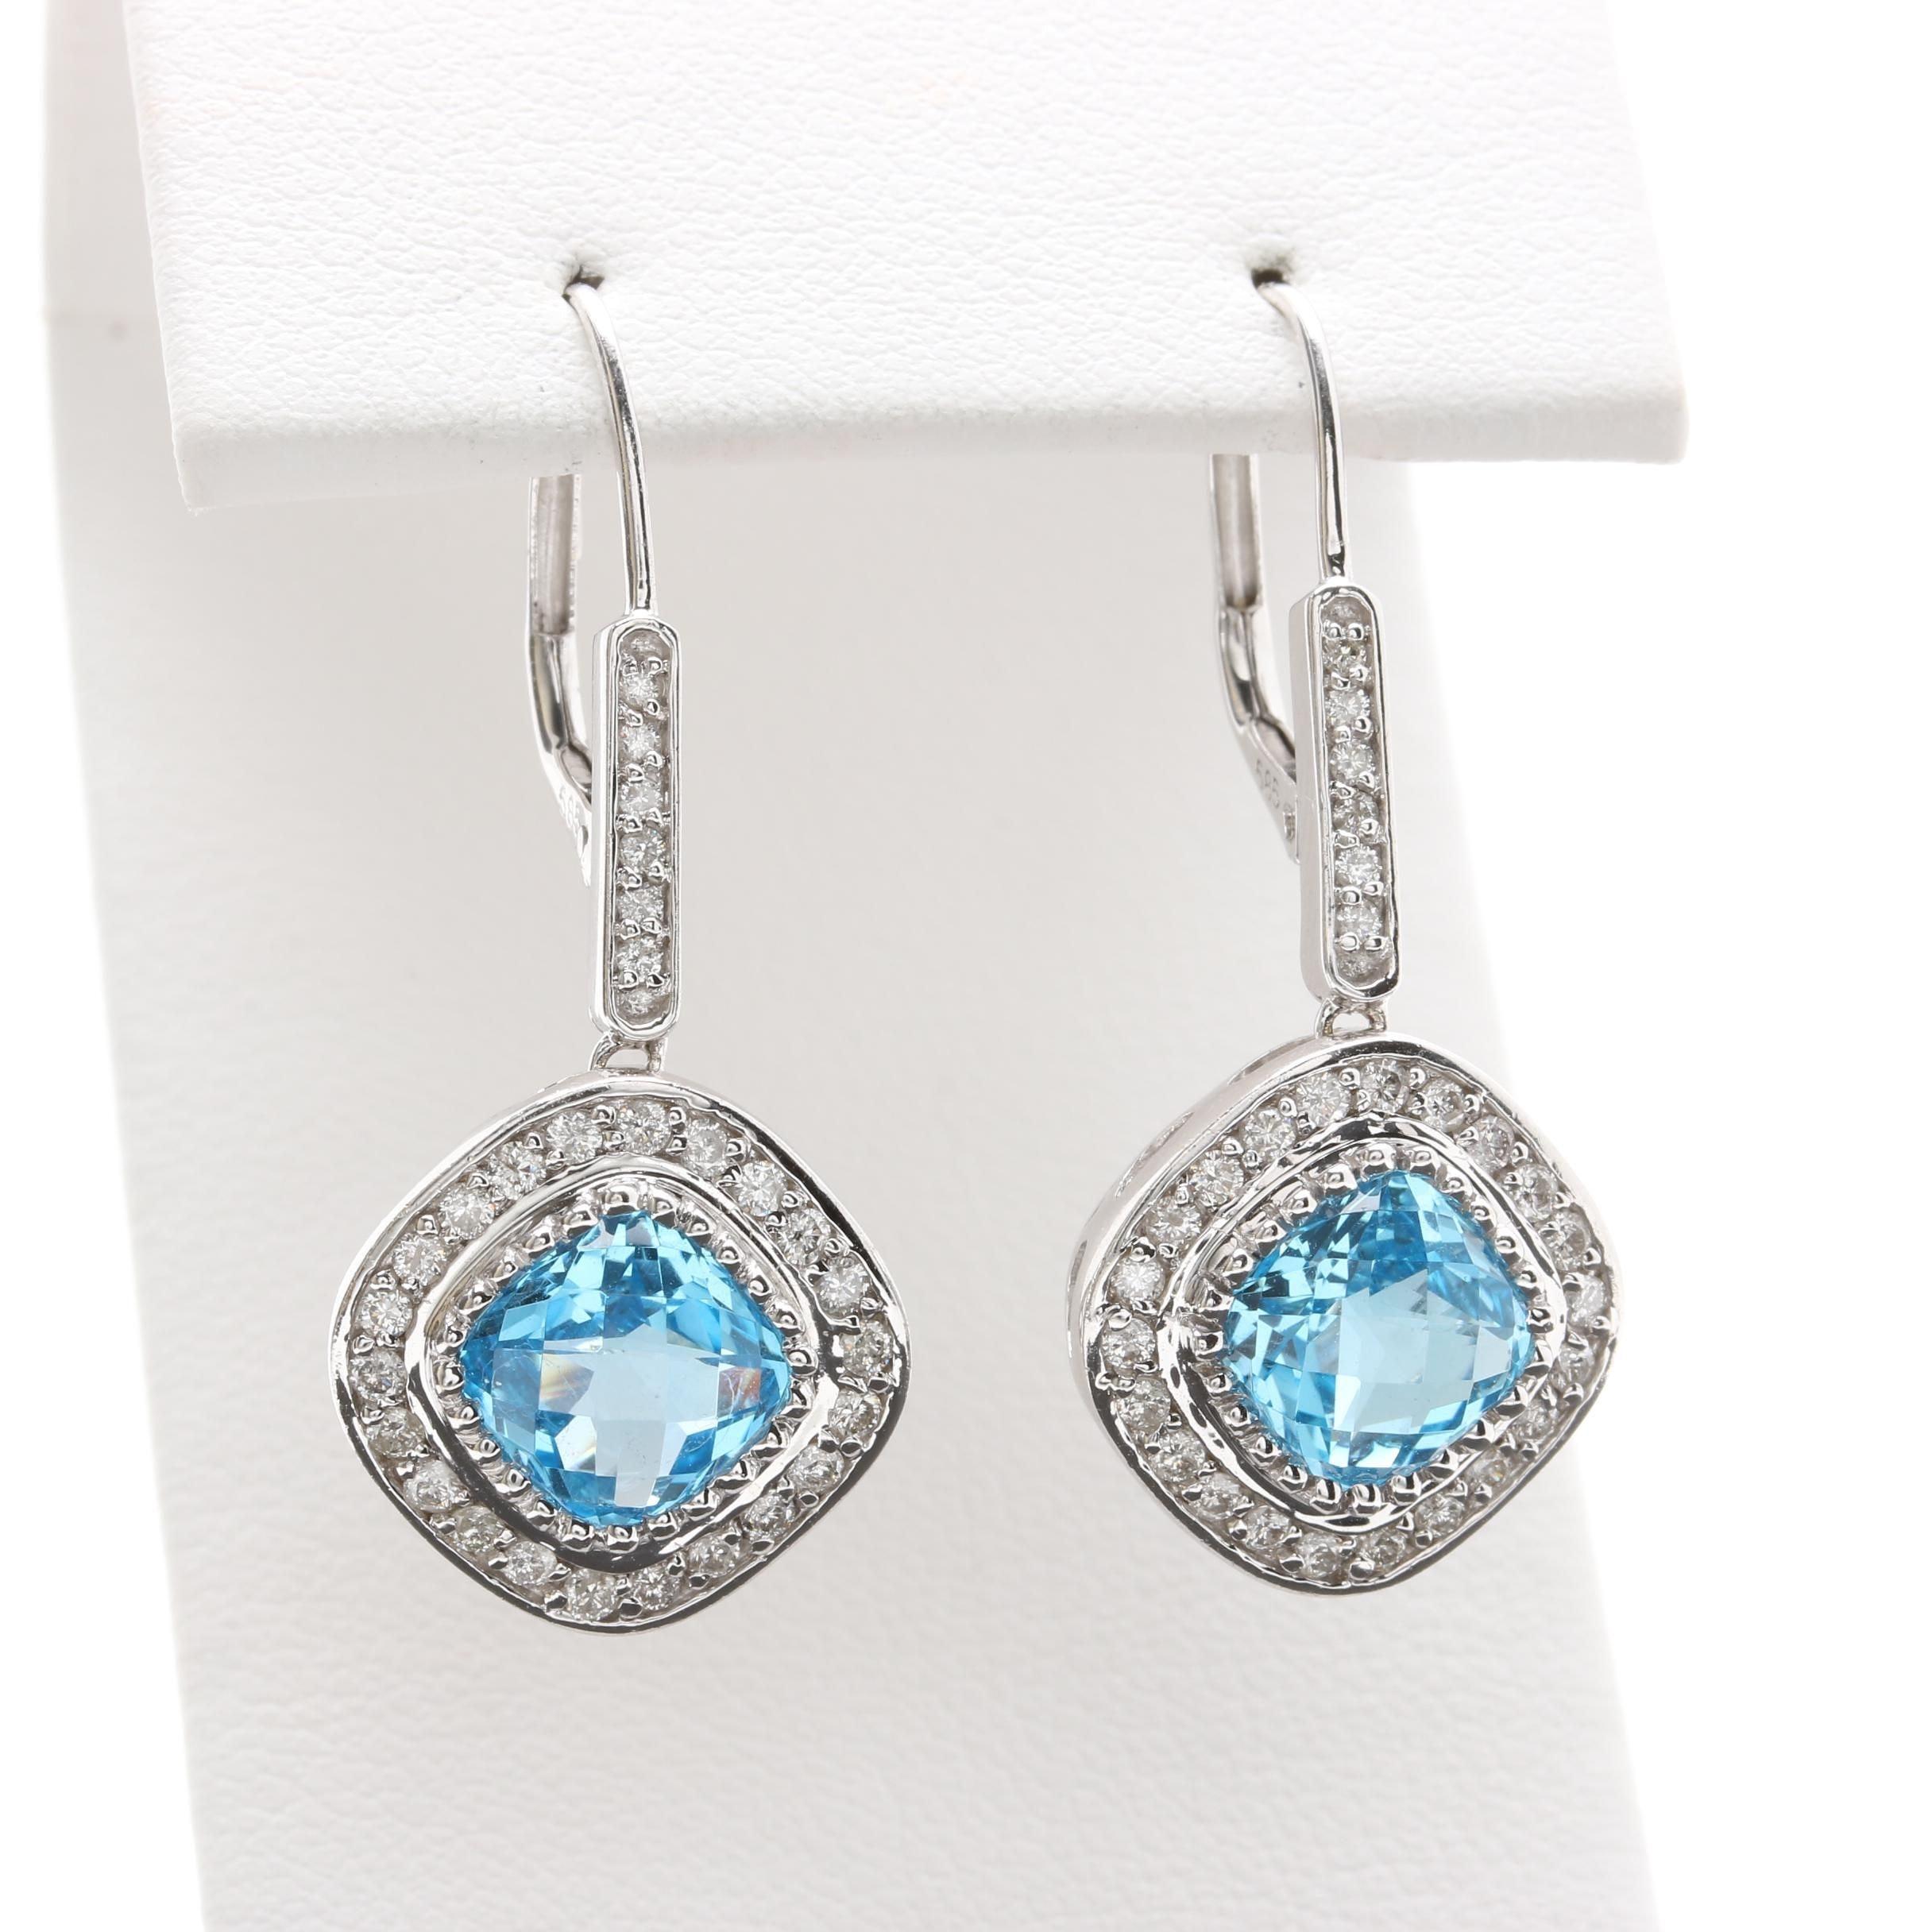 14K White Gold Topaz and Diamond Earrings